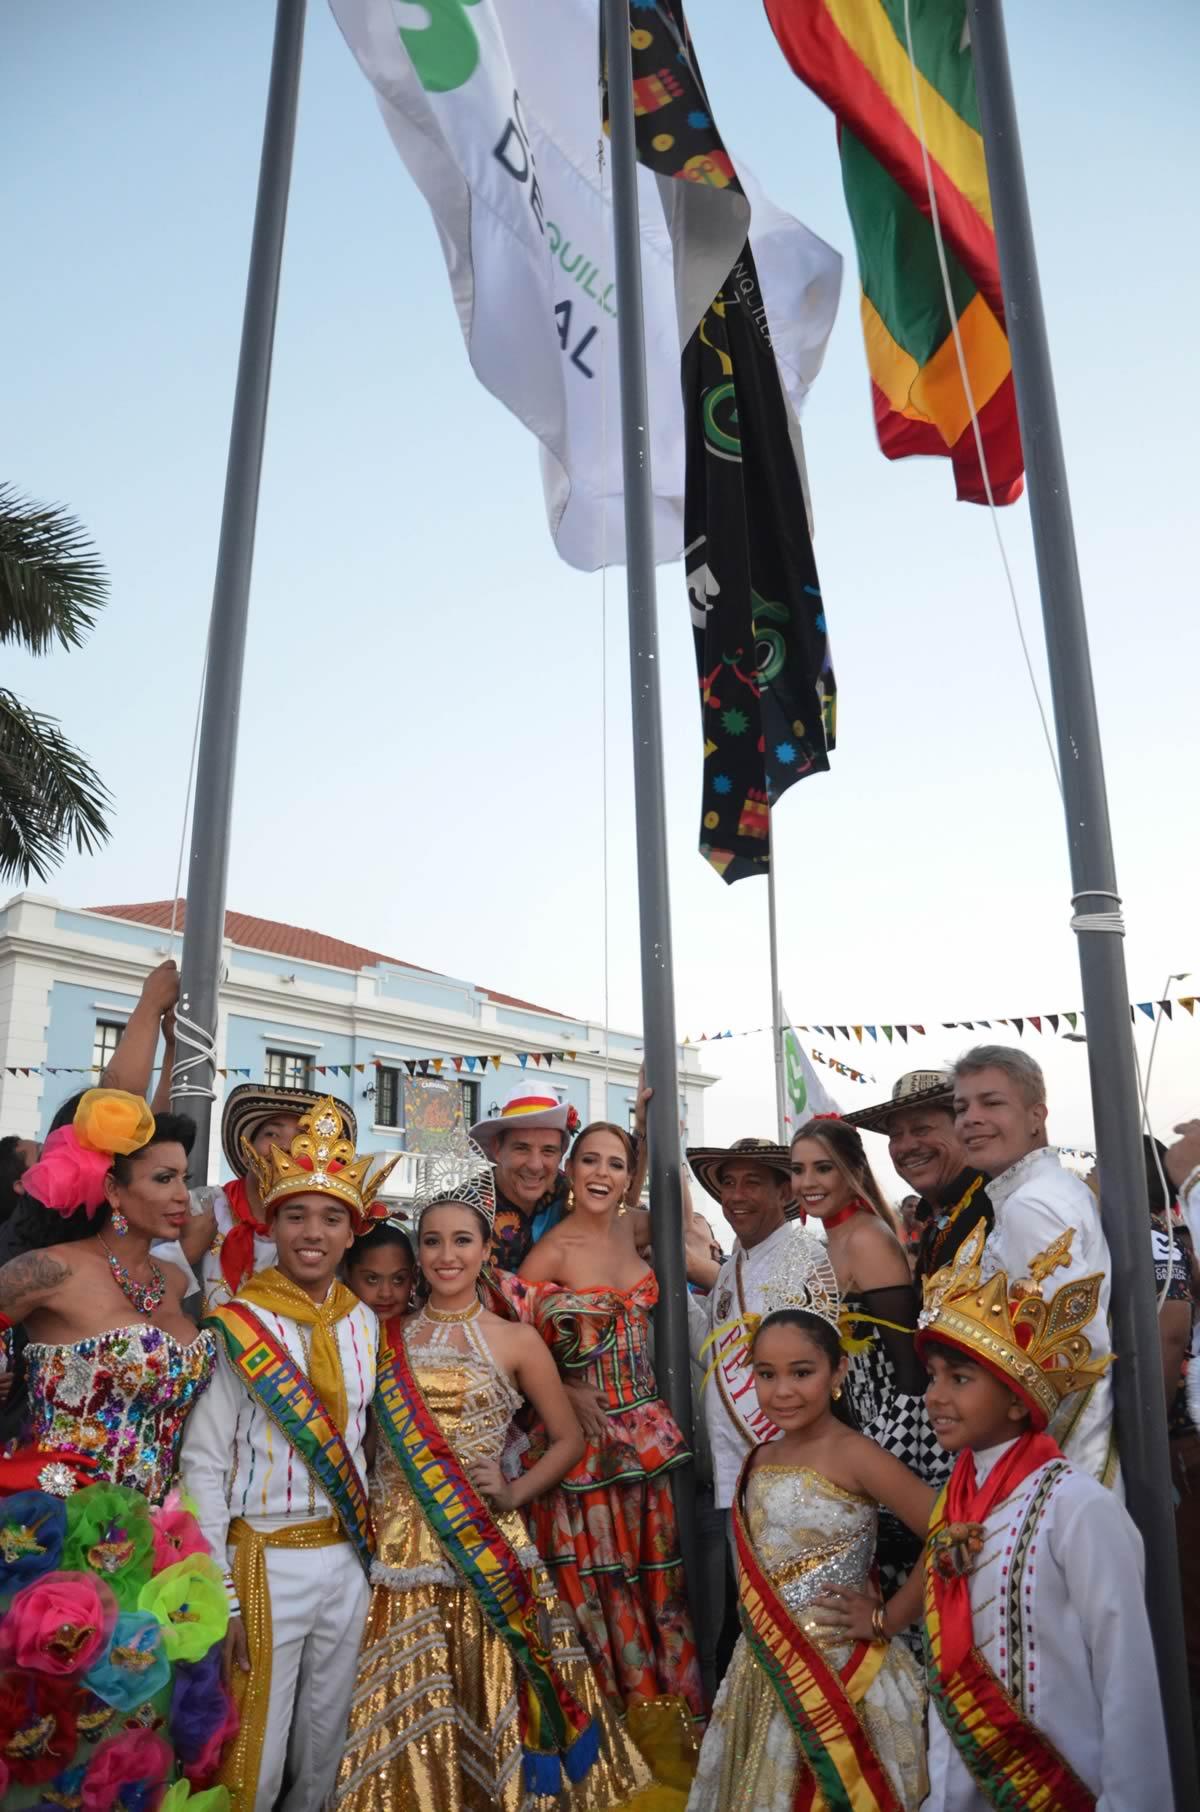 El 18 de Enero es la izada de bandera del Carnaval de Barranquilla 2019